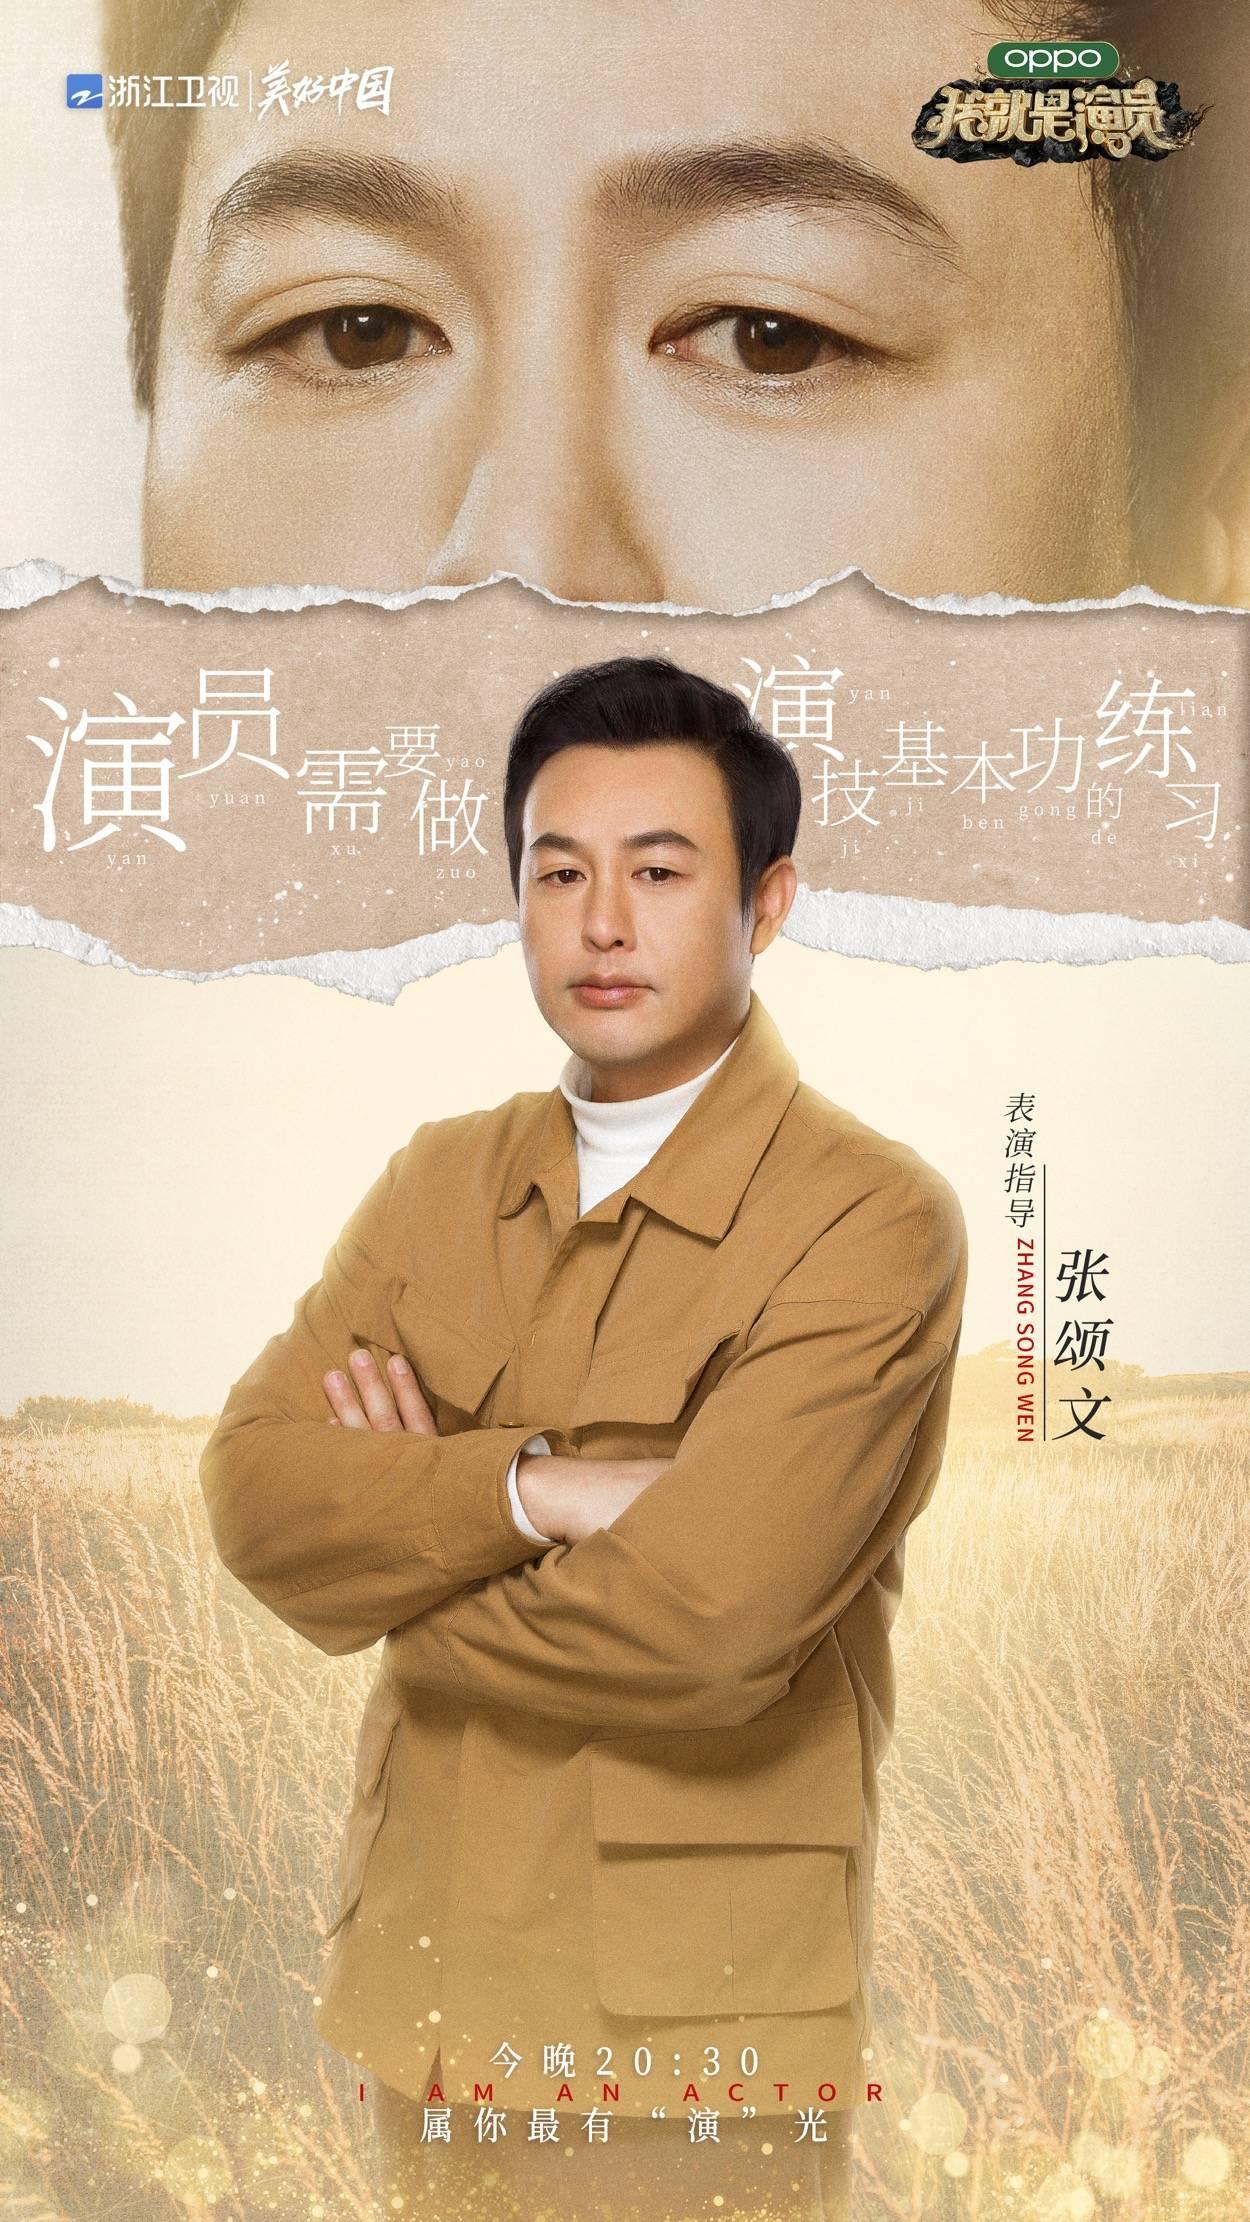 张颂文《我就是演员》谈流量现状称流量应成为榜样